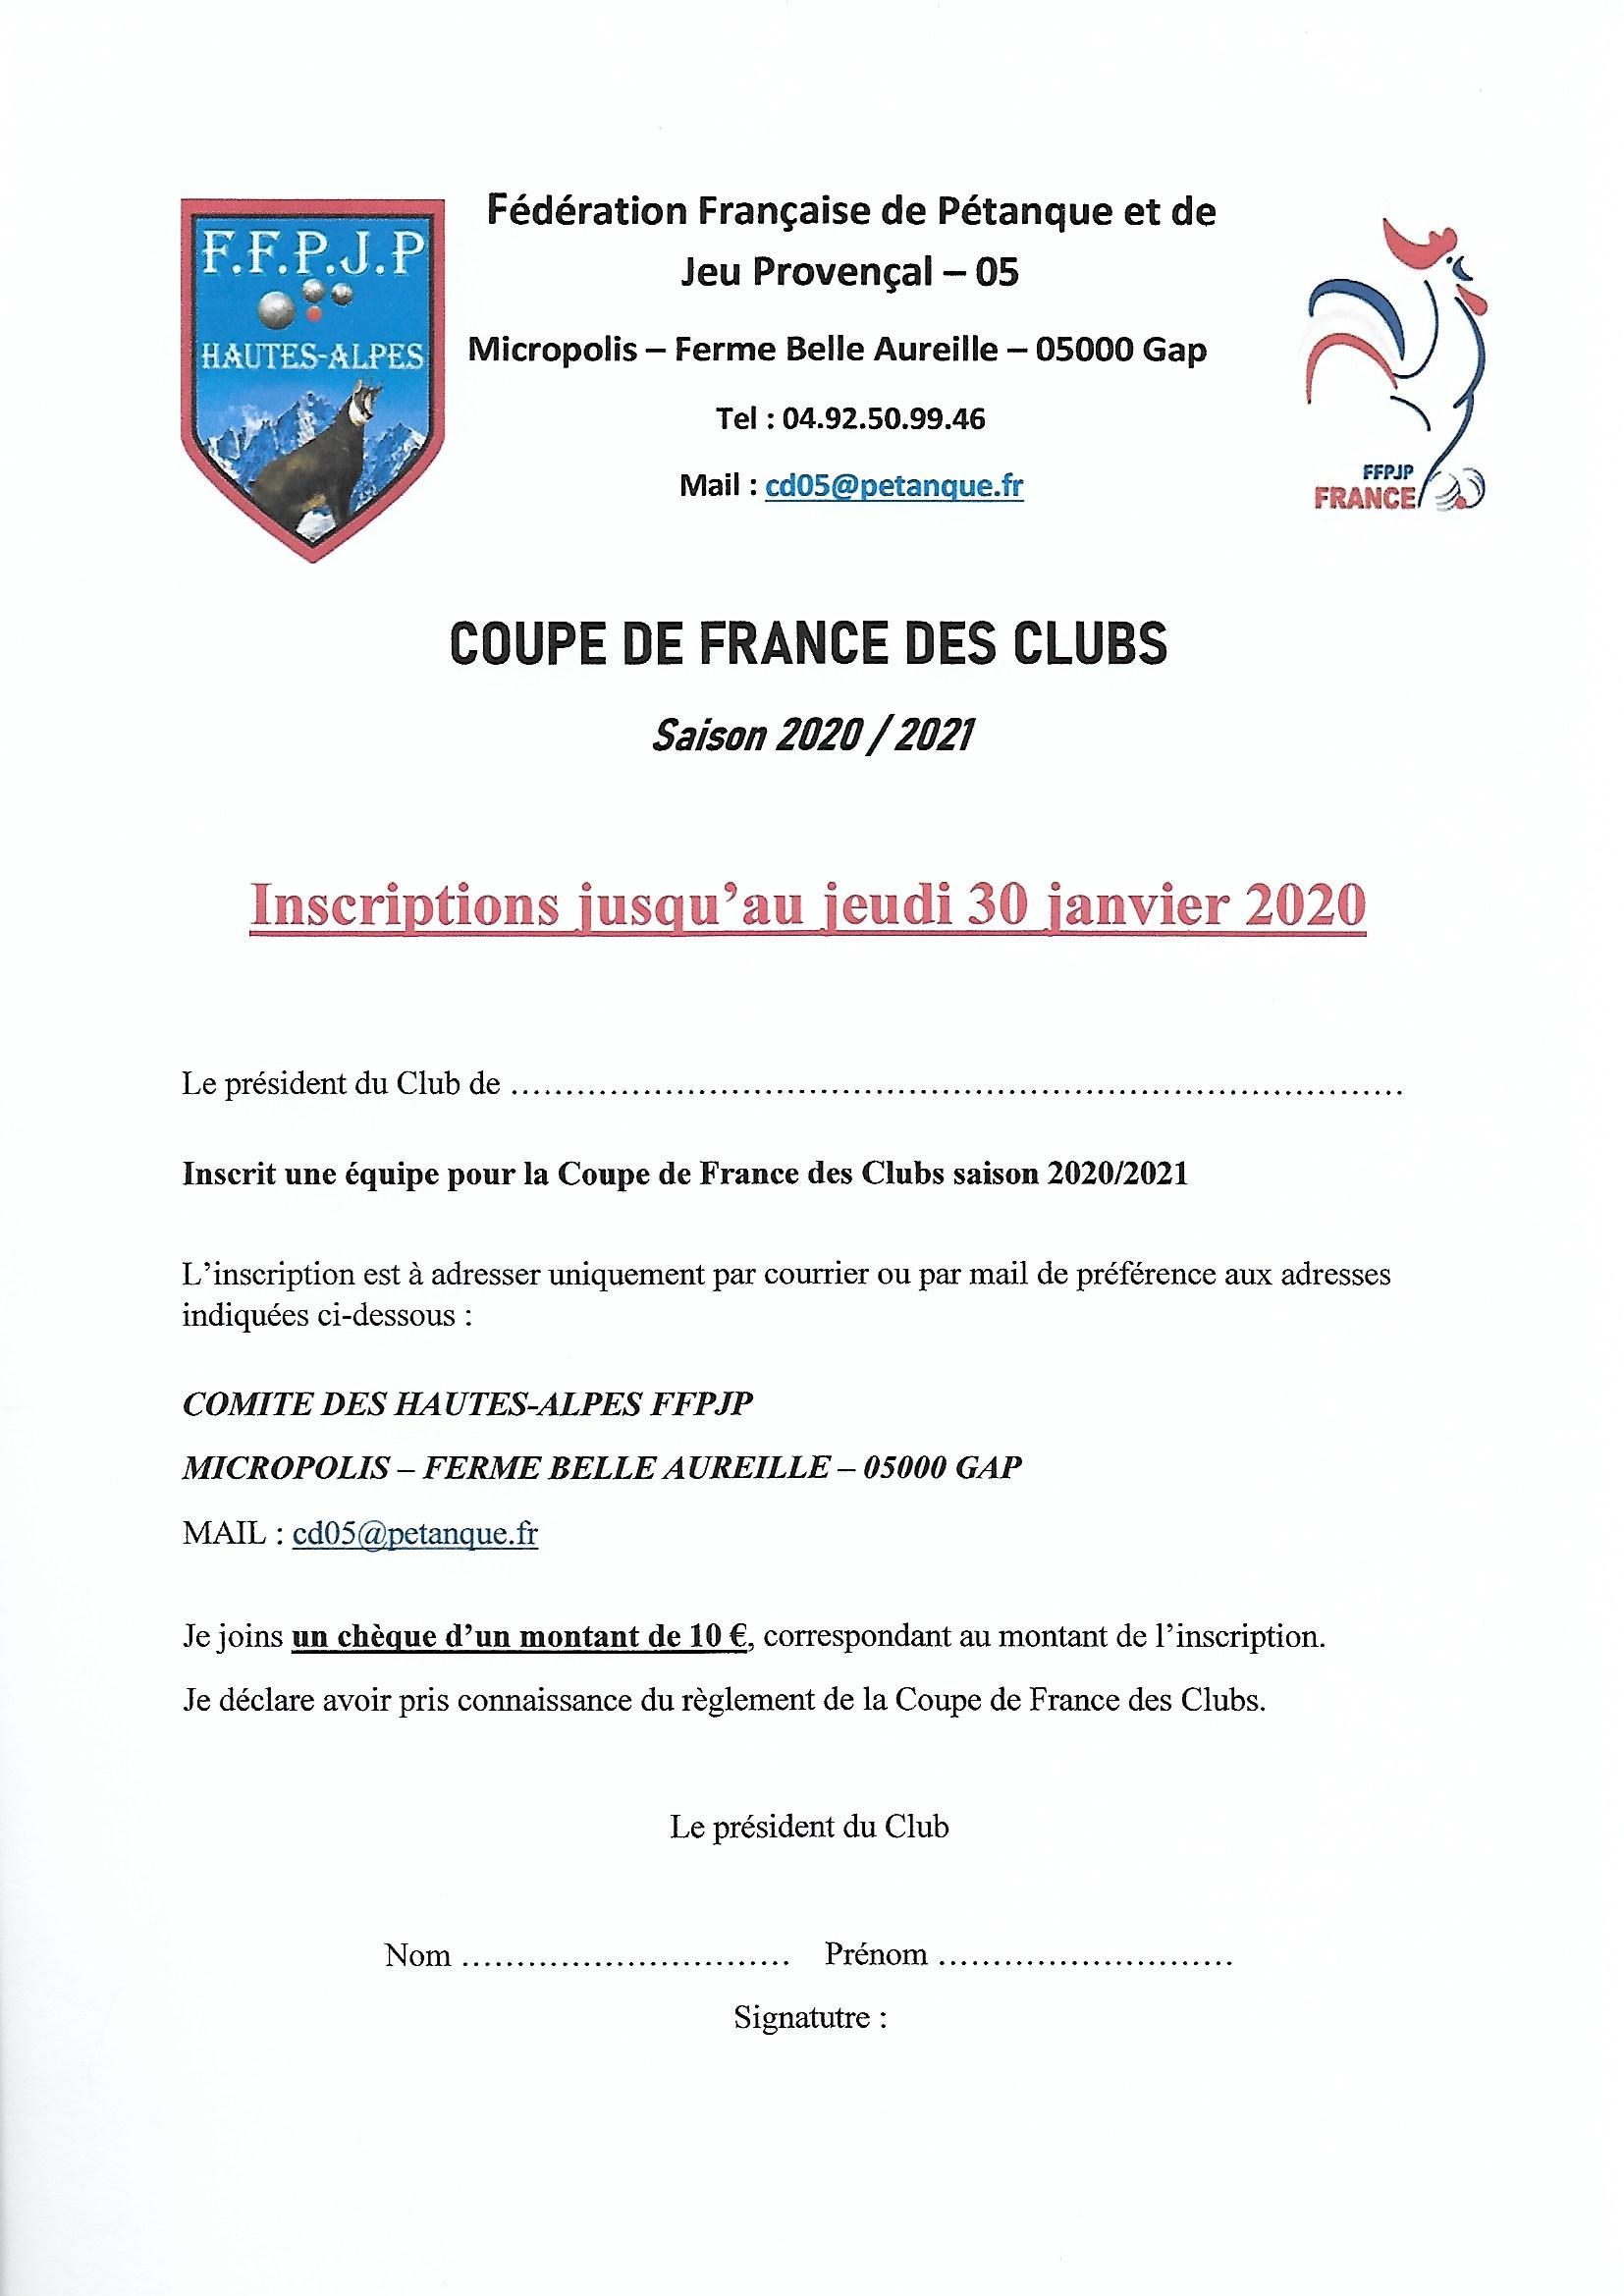 COUPE DE FRANCE 2020-2021